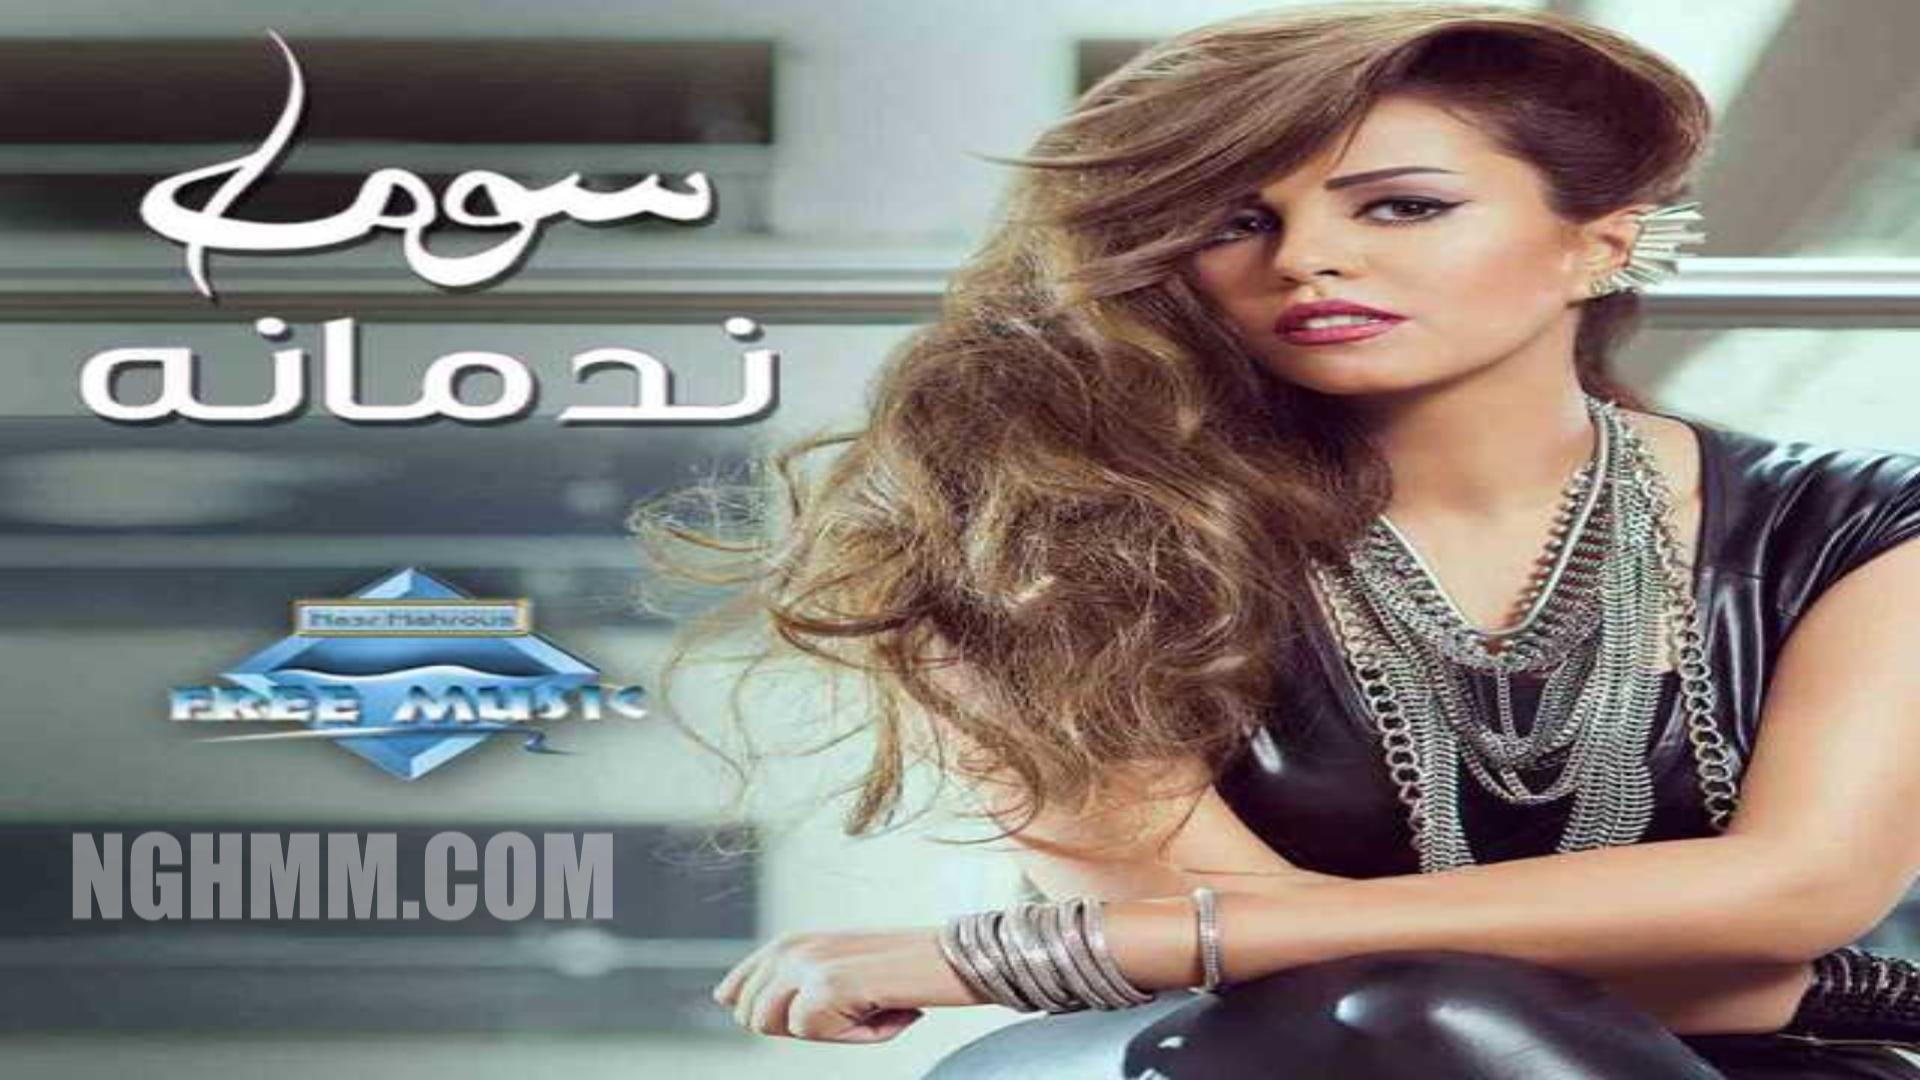 البوم سوما  ندمانة 2016 كامل علي نغم